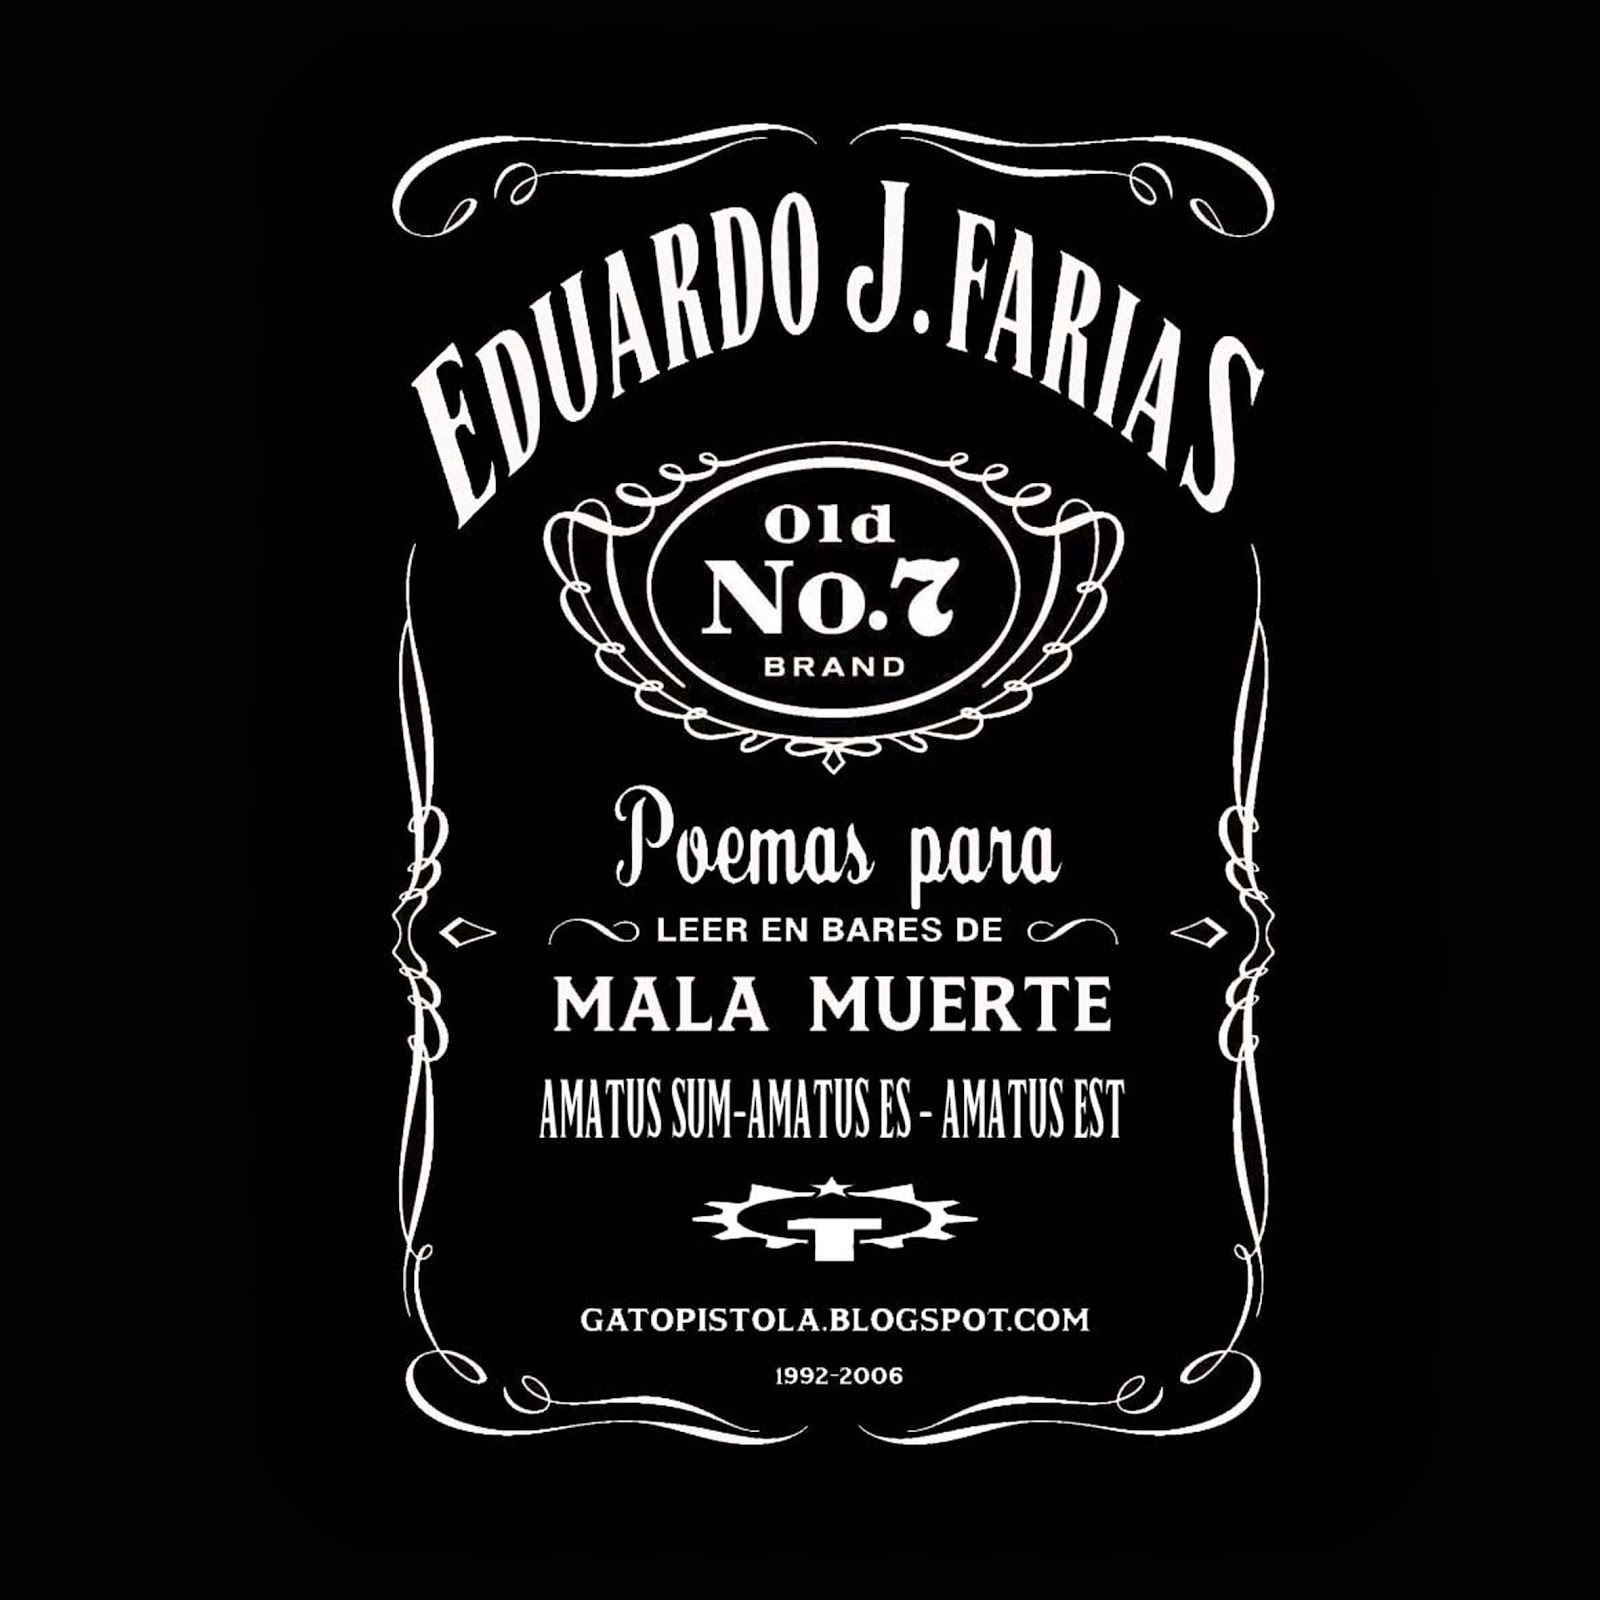 POEMAS PARA LEER EN BARES DE MALA MUERTE